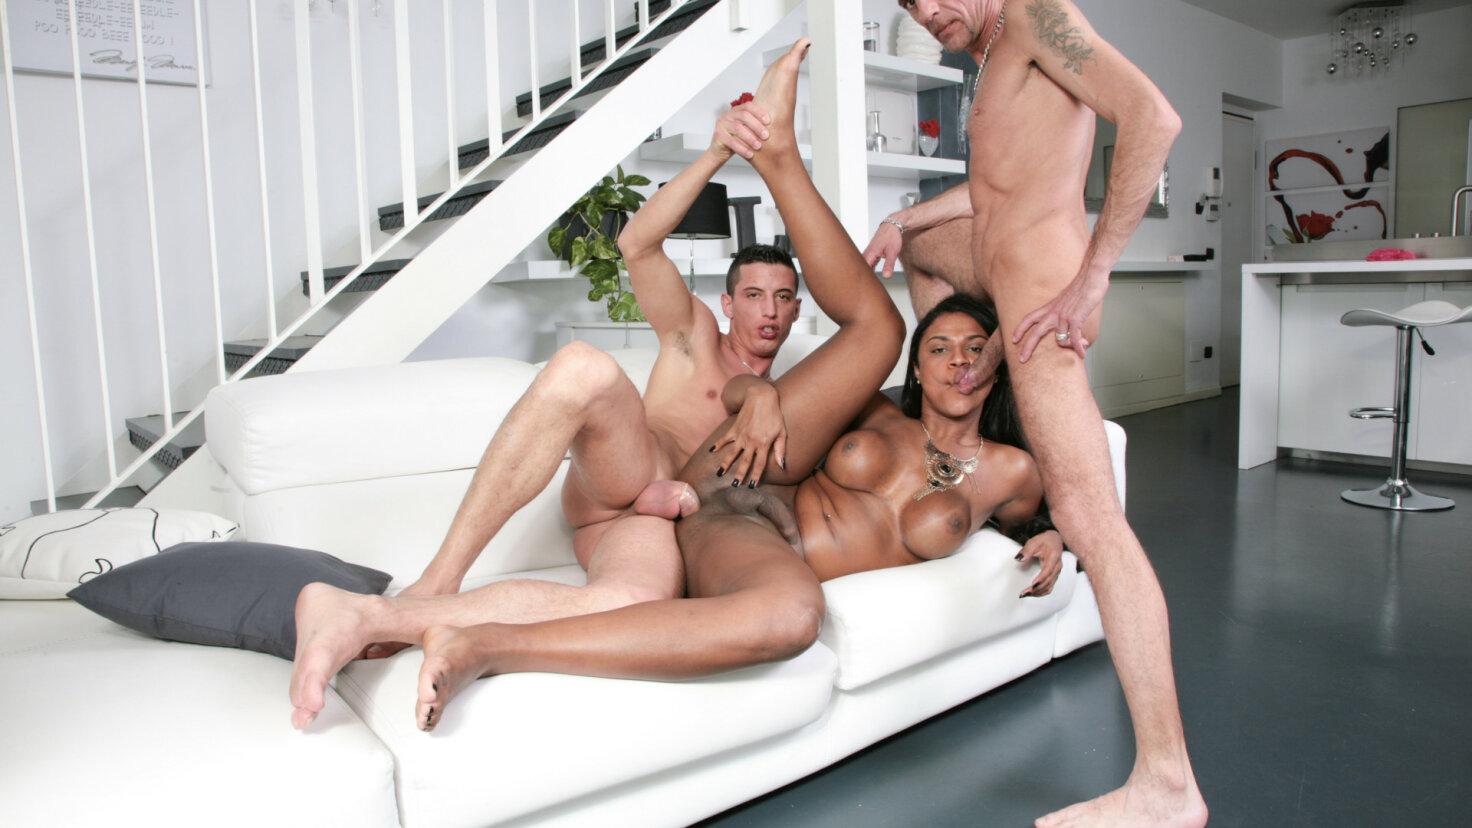 Naughty hardcore threesome with hot Latina tranny